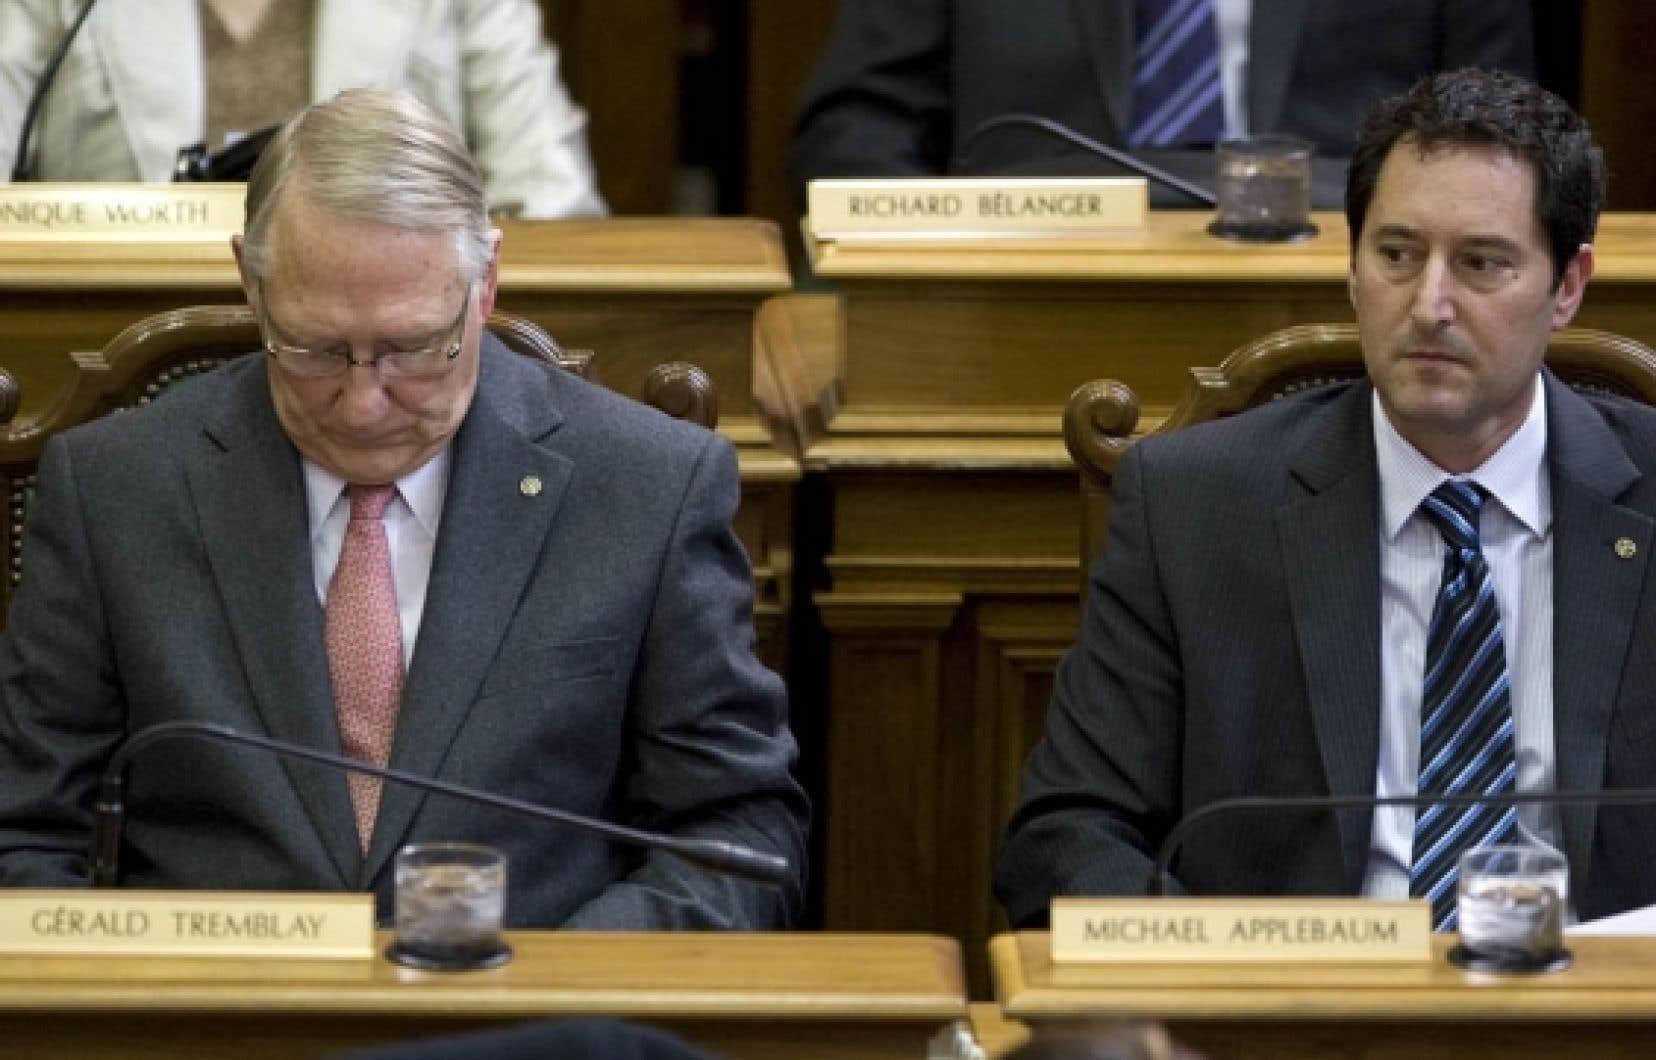 Le président du comité exécutif de la Ville de Montréal, Michael Applebaum (à droite), a reconnu que trois employés de Macogep travaillaient bel et bien dans les bureaux de la Ville sur une base quotidienne. Selon lui, toutefois, il n'y a pas lieu de s'en indigner.